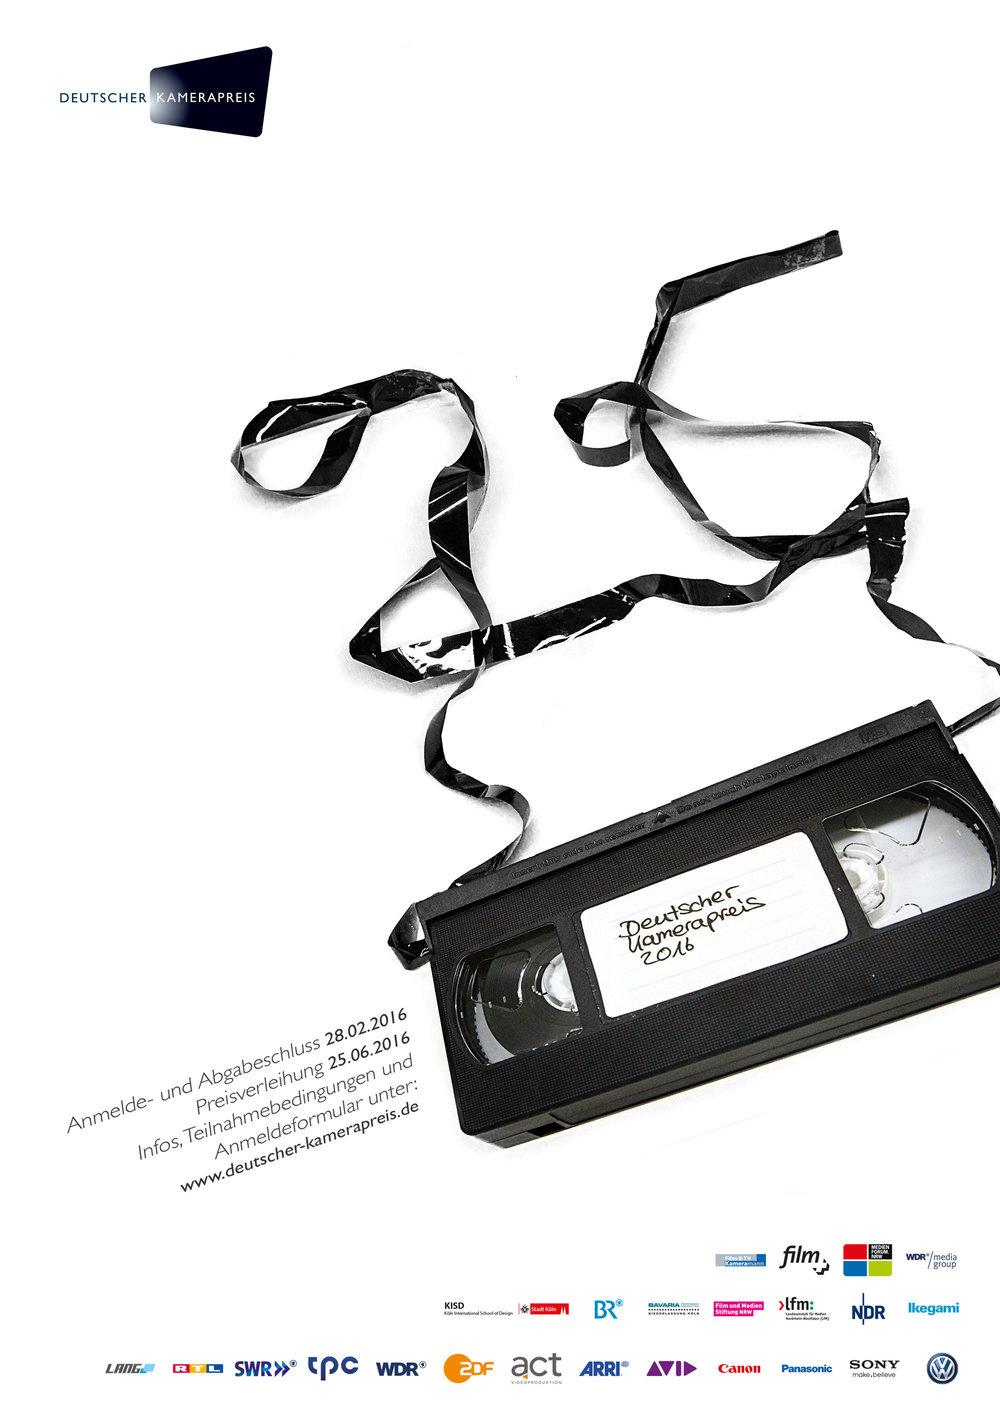 Tape-Kopie.jpg